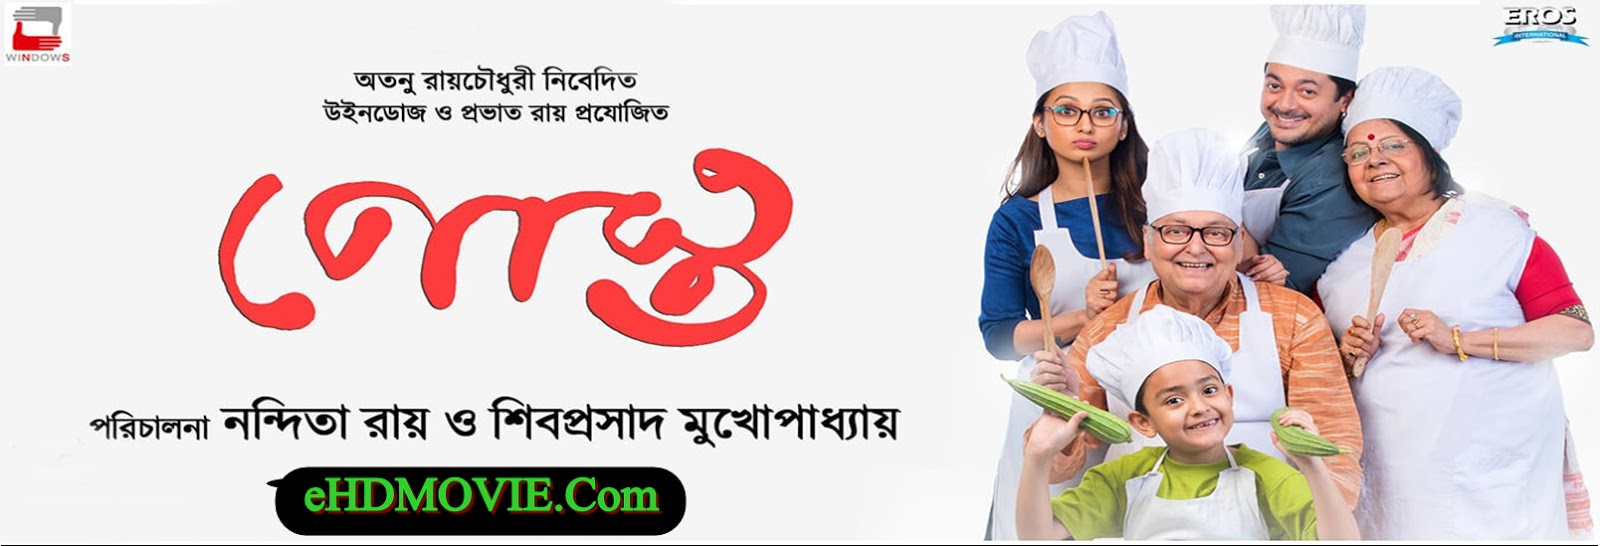 Posto 2017 Bengali Full Movie Original 480p - 720p ORG WEB-DL 400MB - 1.1GB